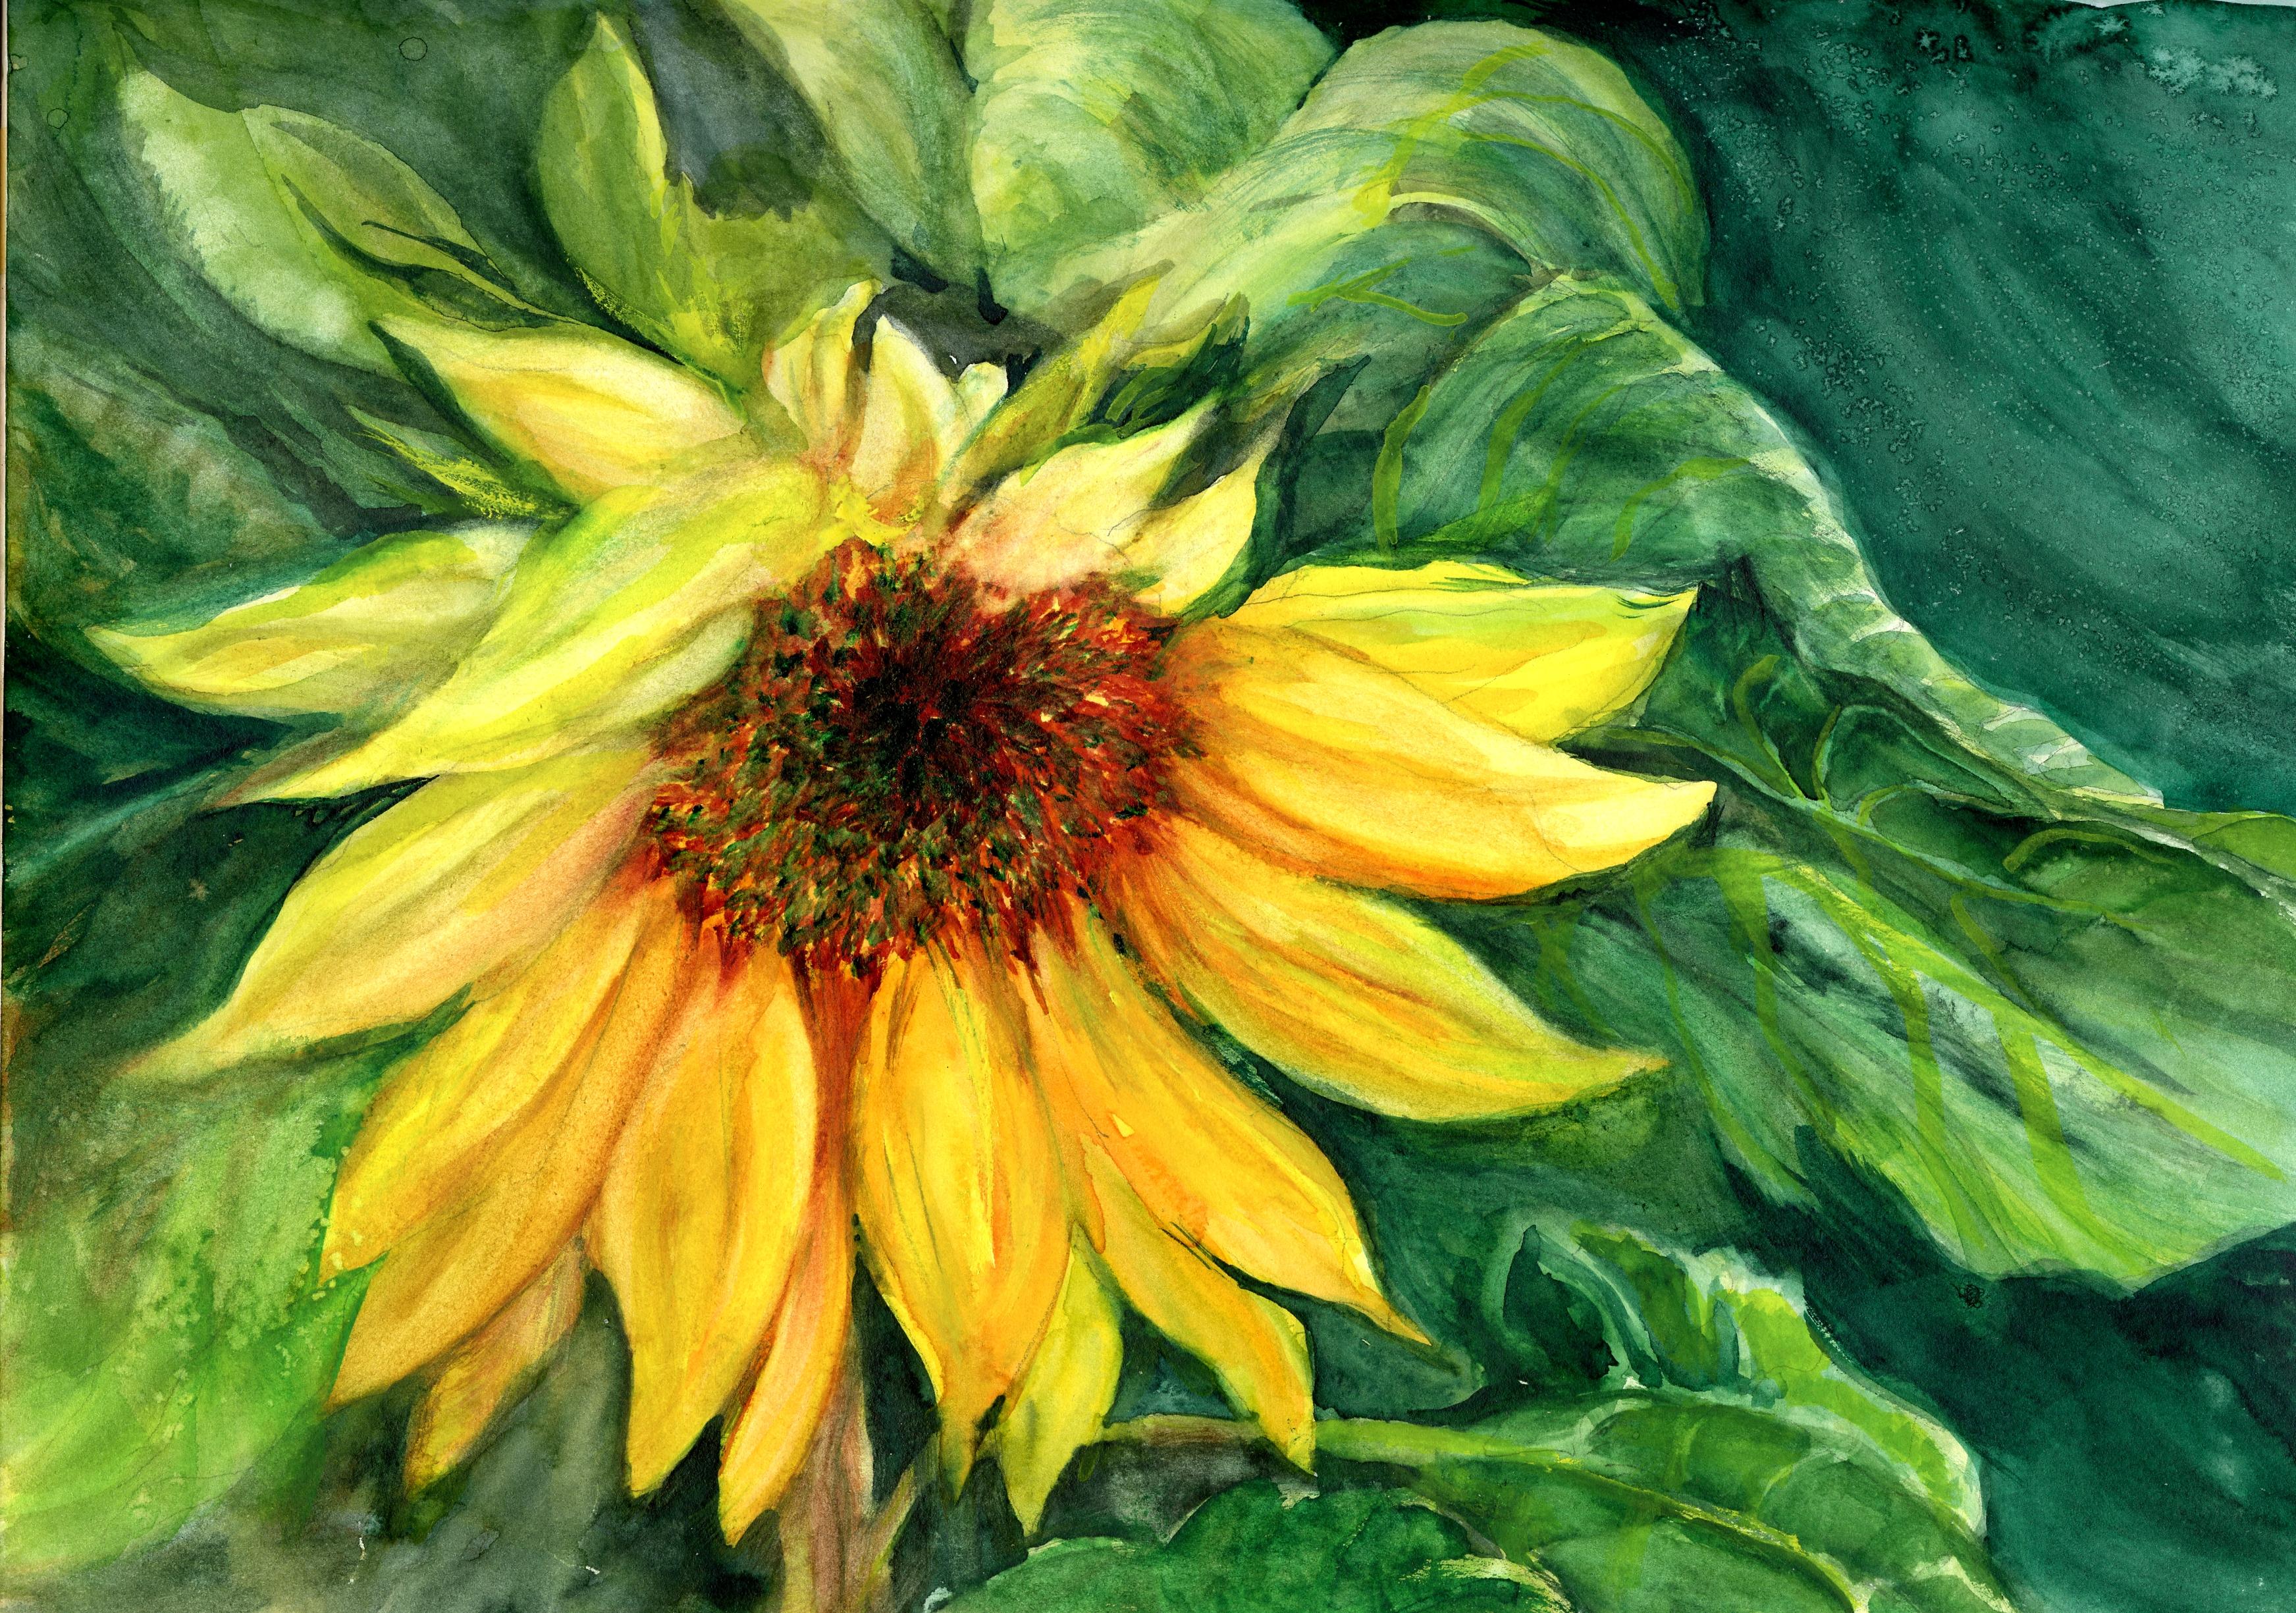 Stillmanandbirn Watercolor Sunflowers Flowers Nature Outdoors